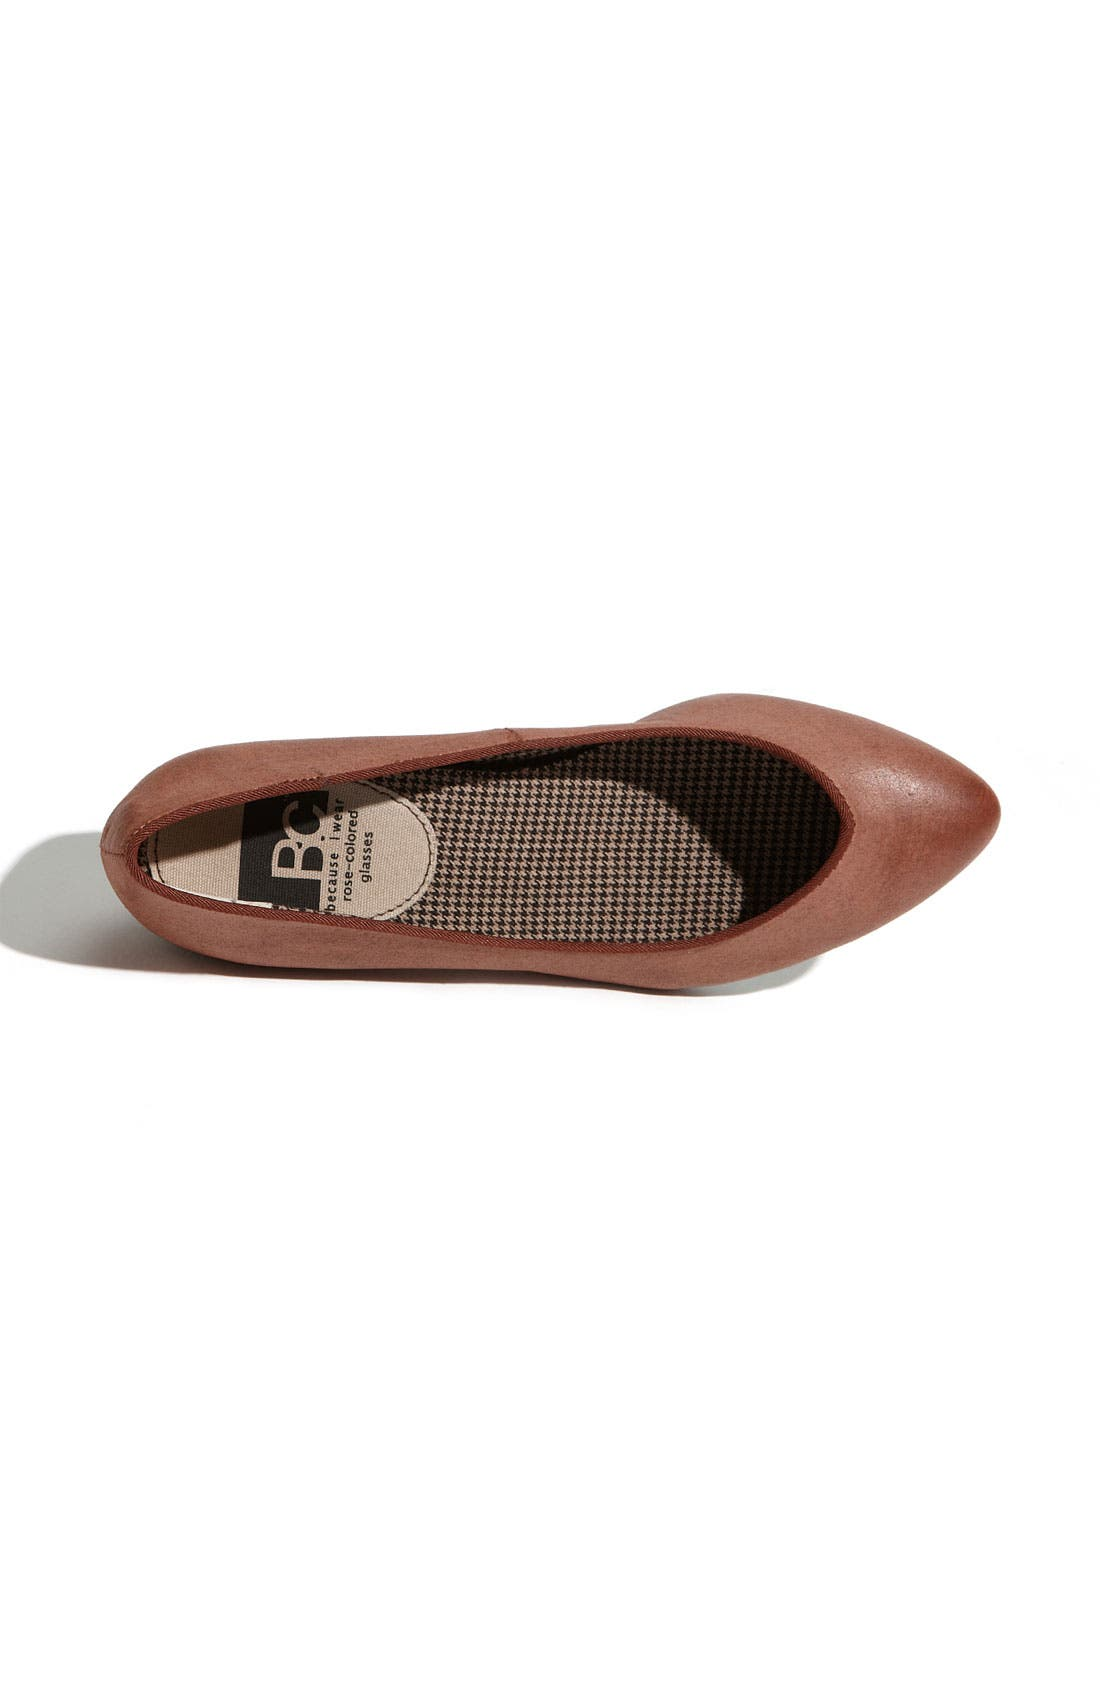 Alternate Image 3  - BC Footwear 'In The Winner's Circle' Pump